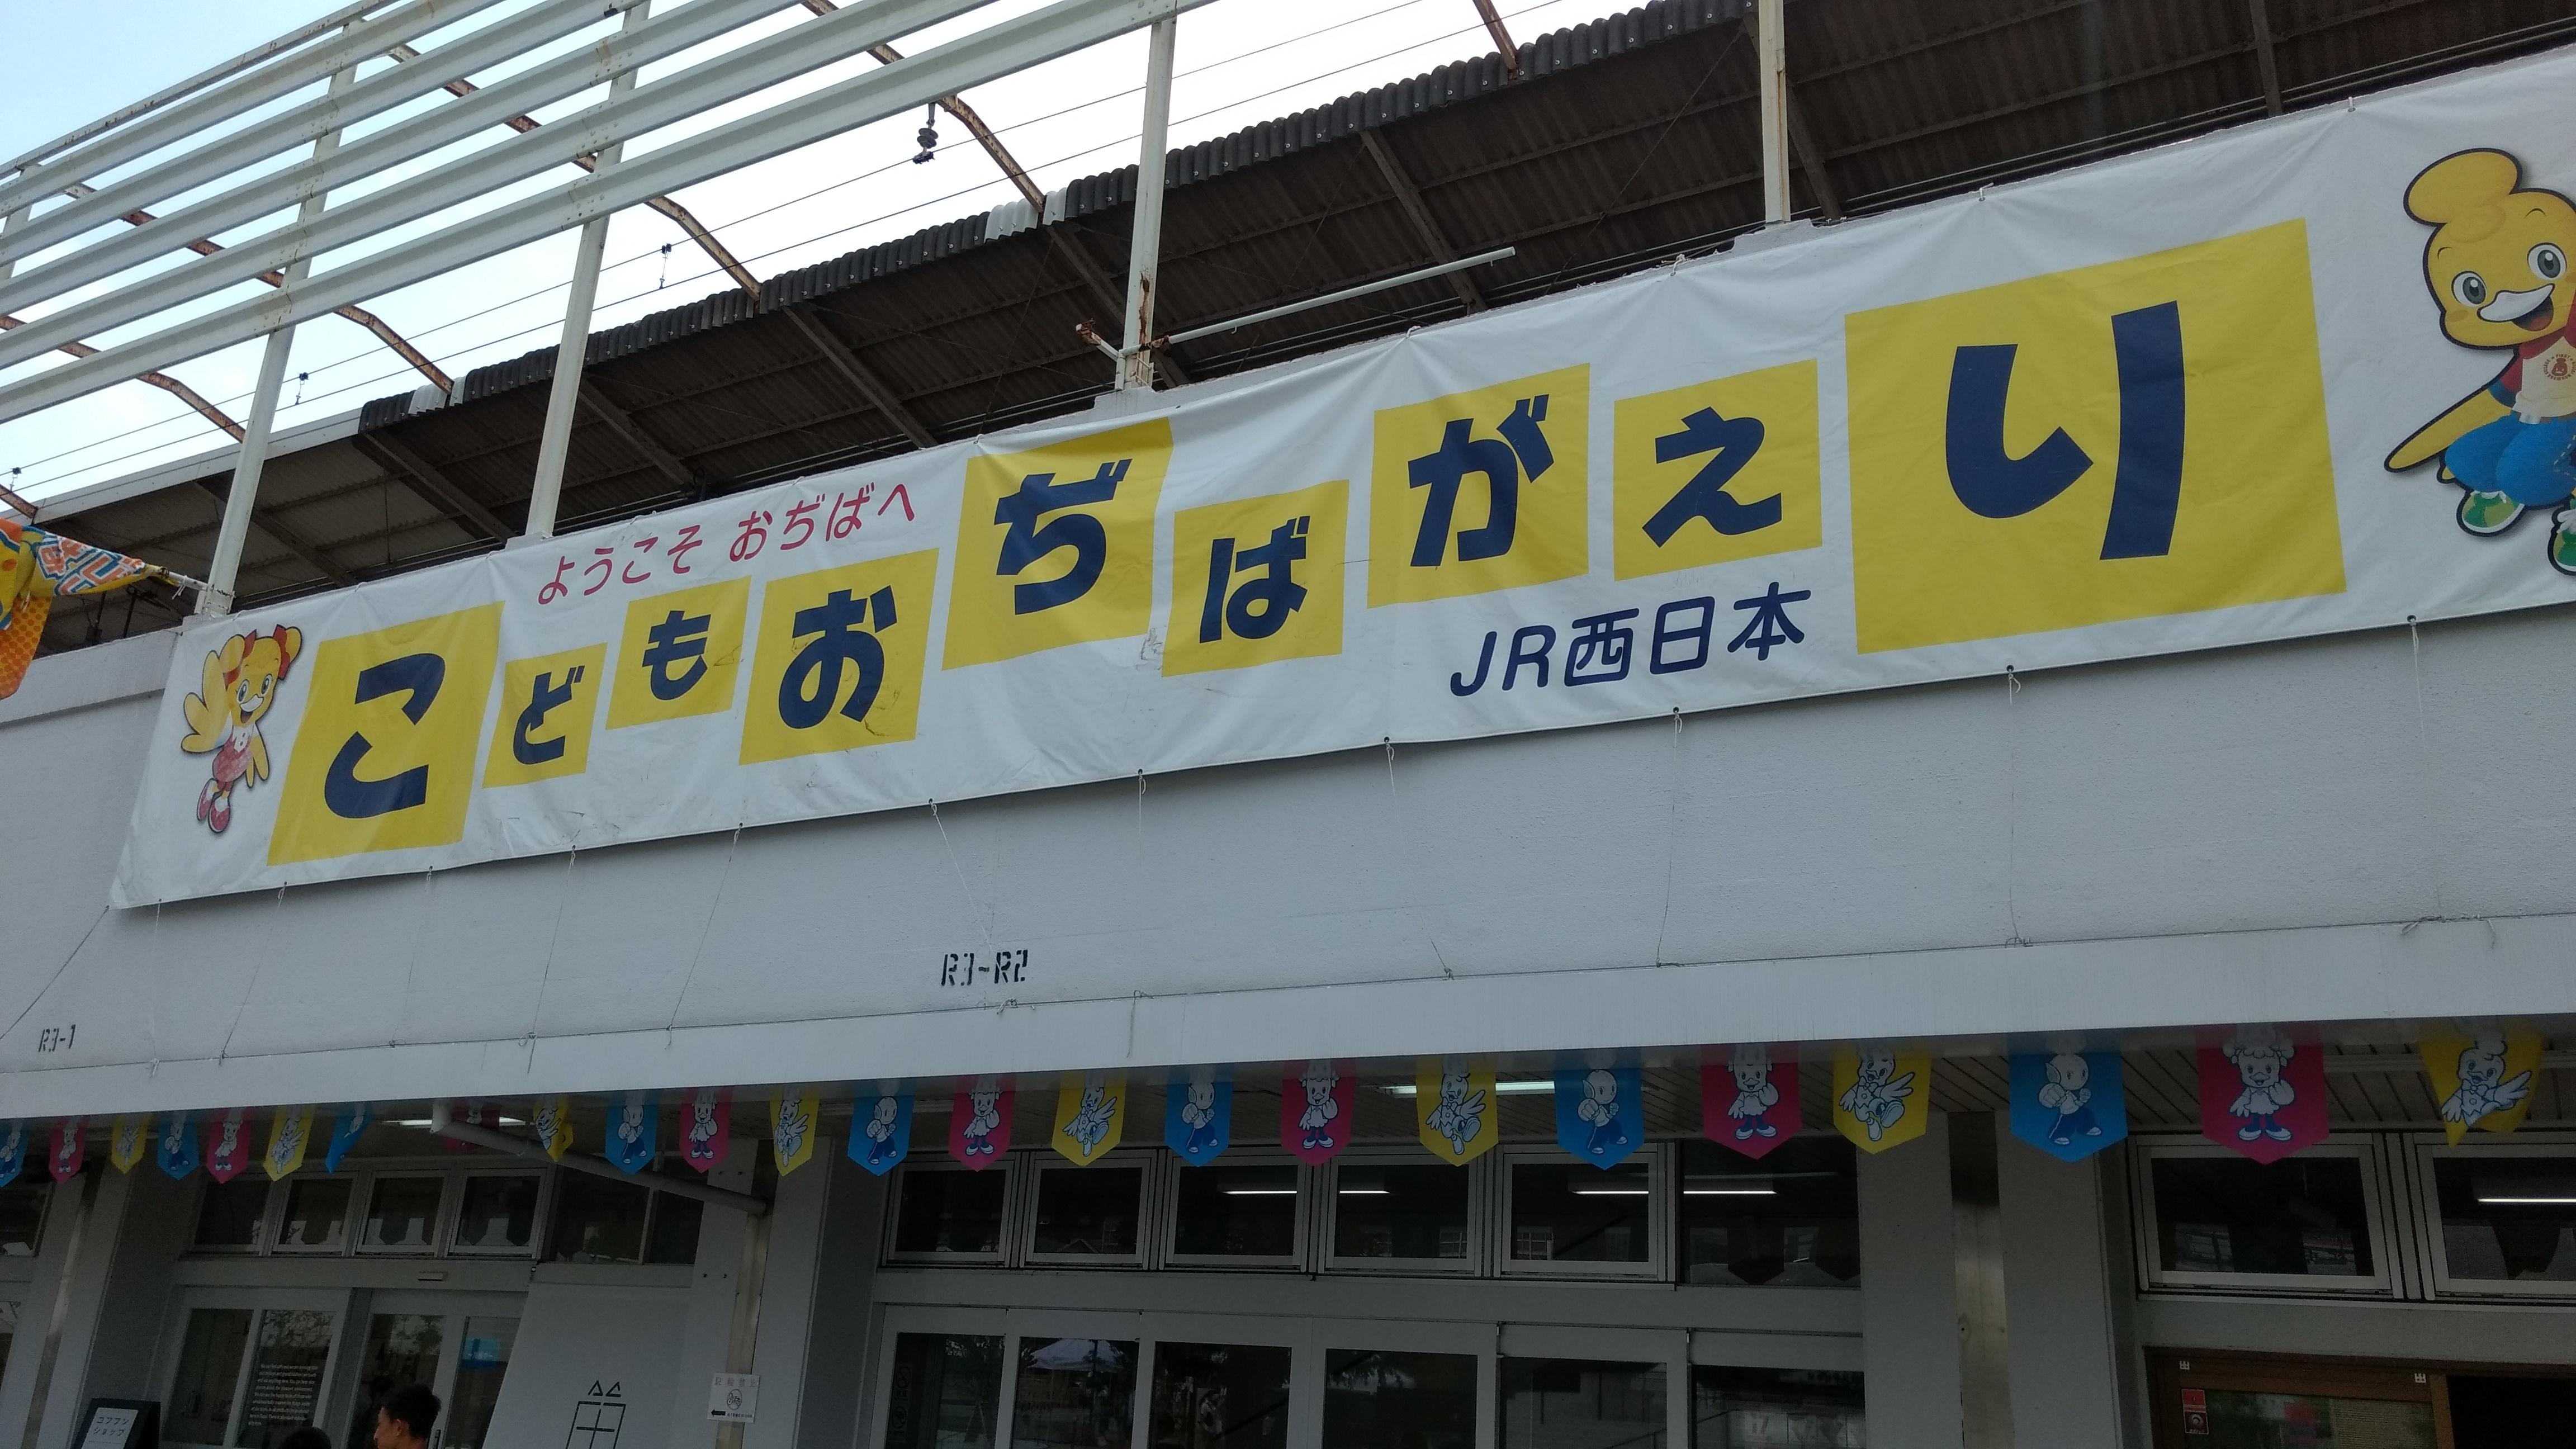 宗教都市・天理訪問記【天理駅とその周辺】